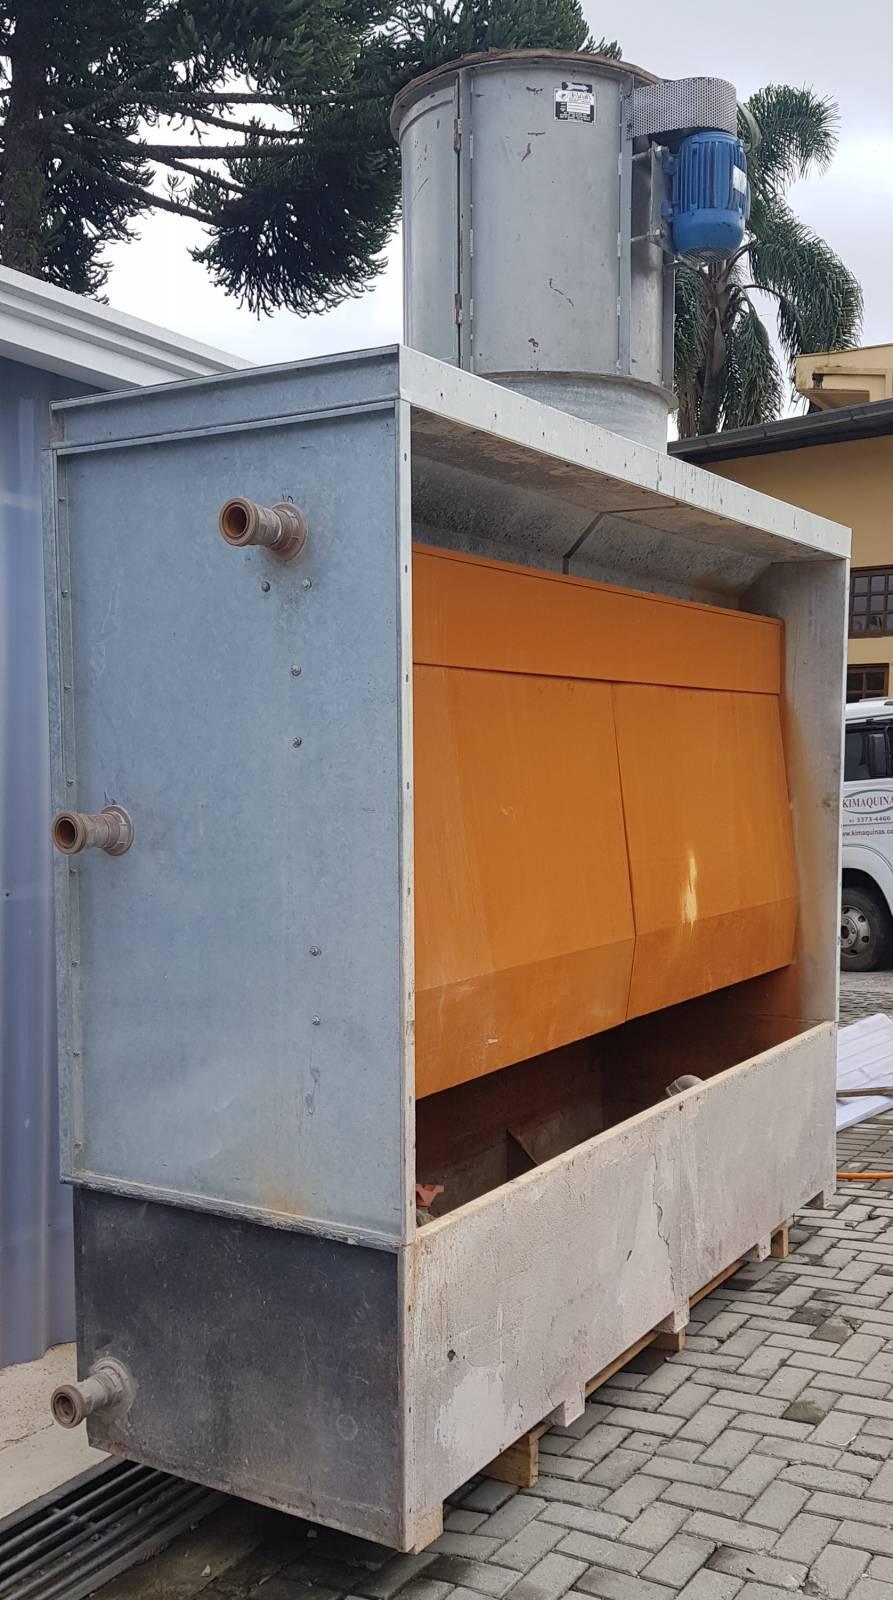 Cabine de pintura cortina d'água - Kimaq